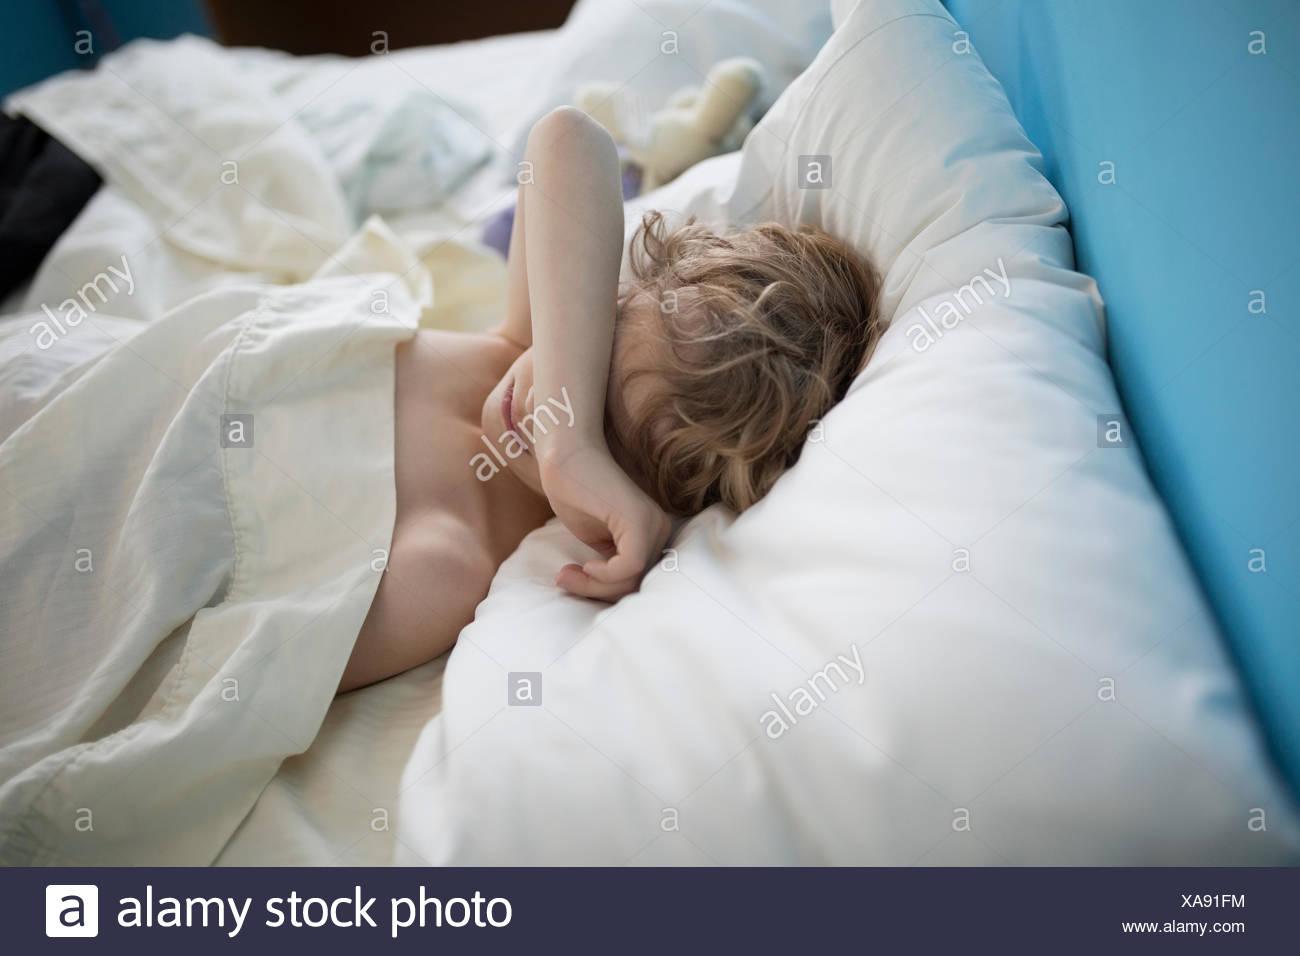 Fatigué garçon endormi avec le bras au-dessus des yeux Photo Stock